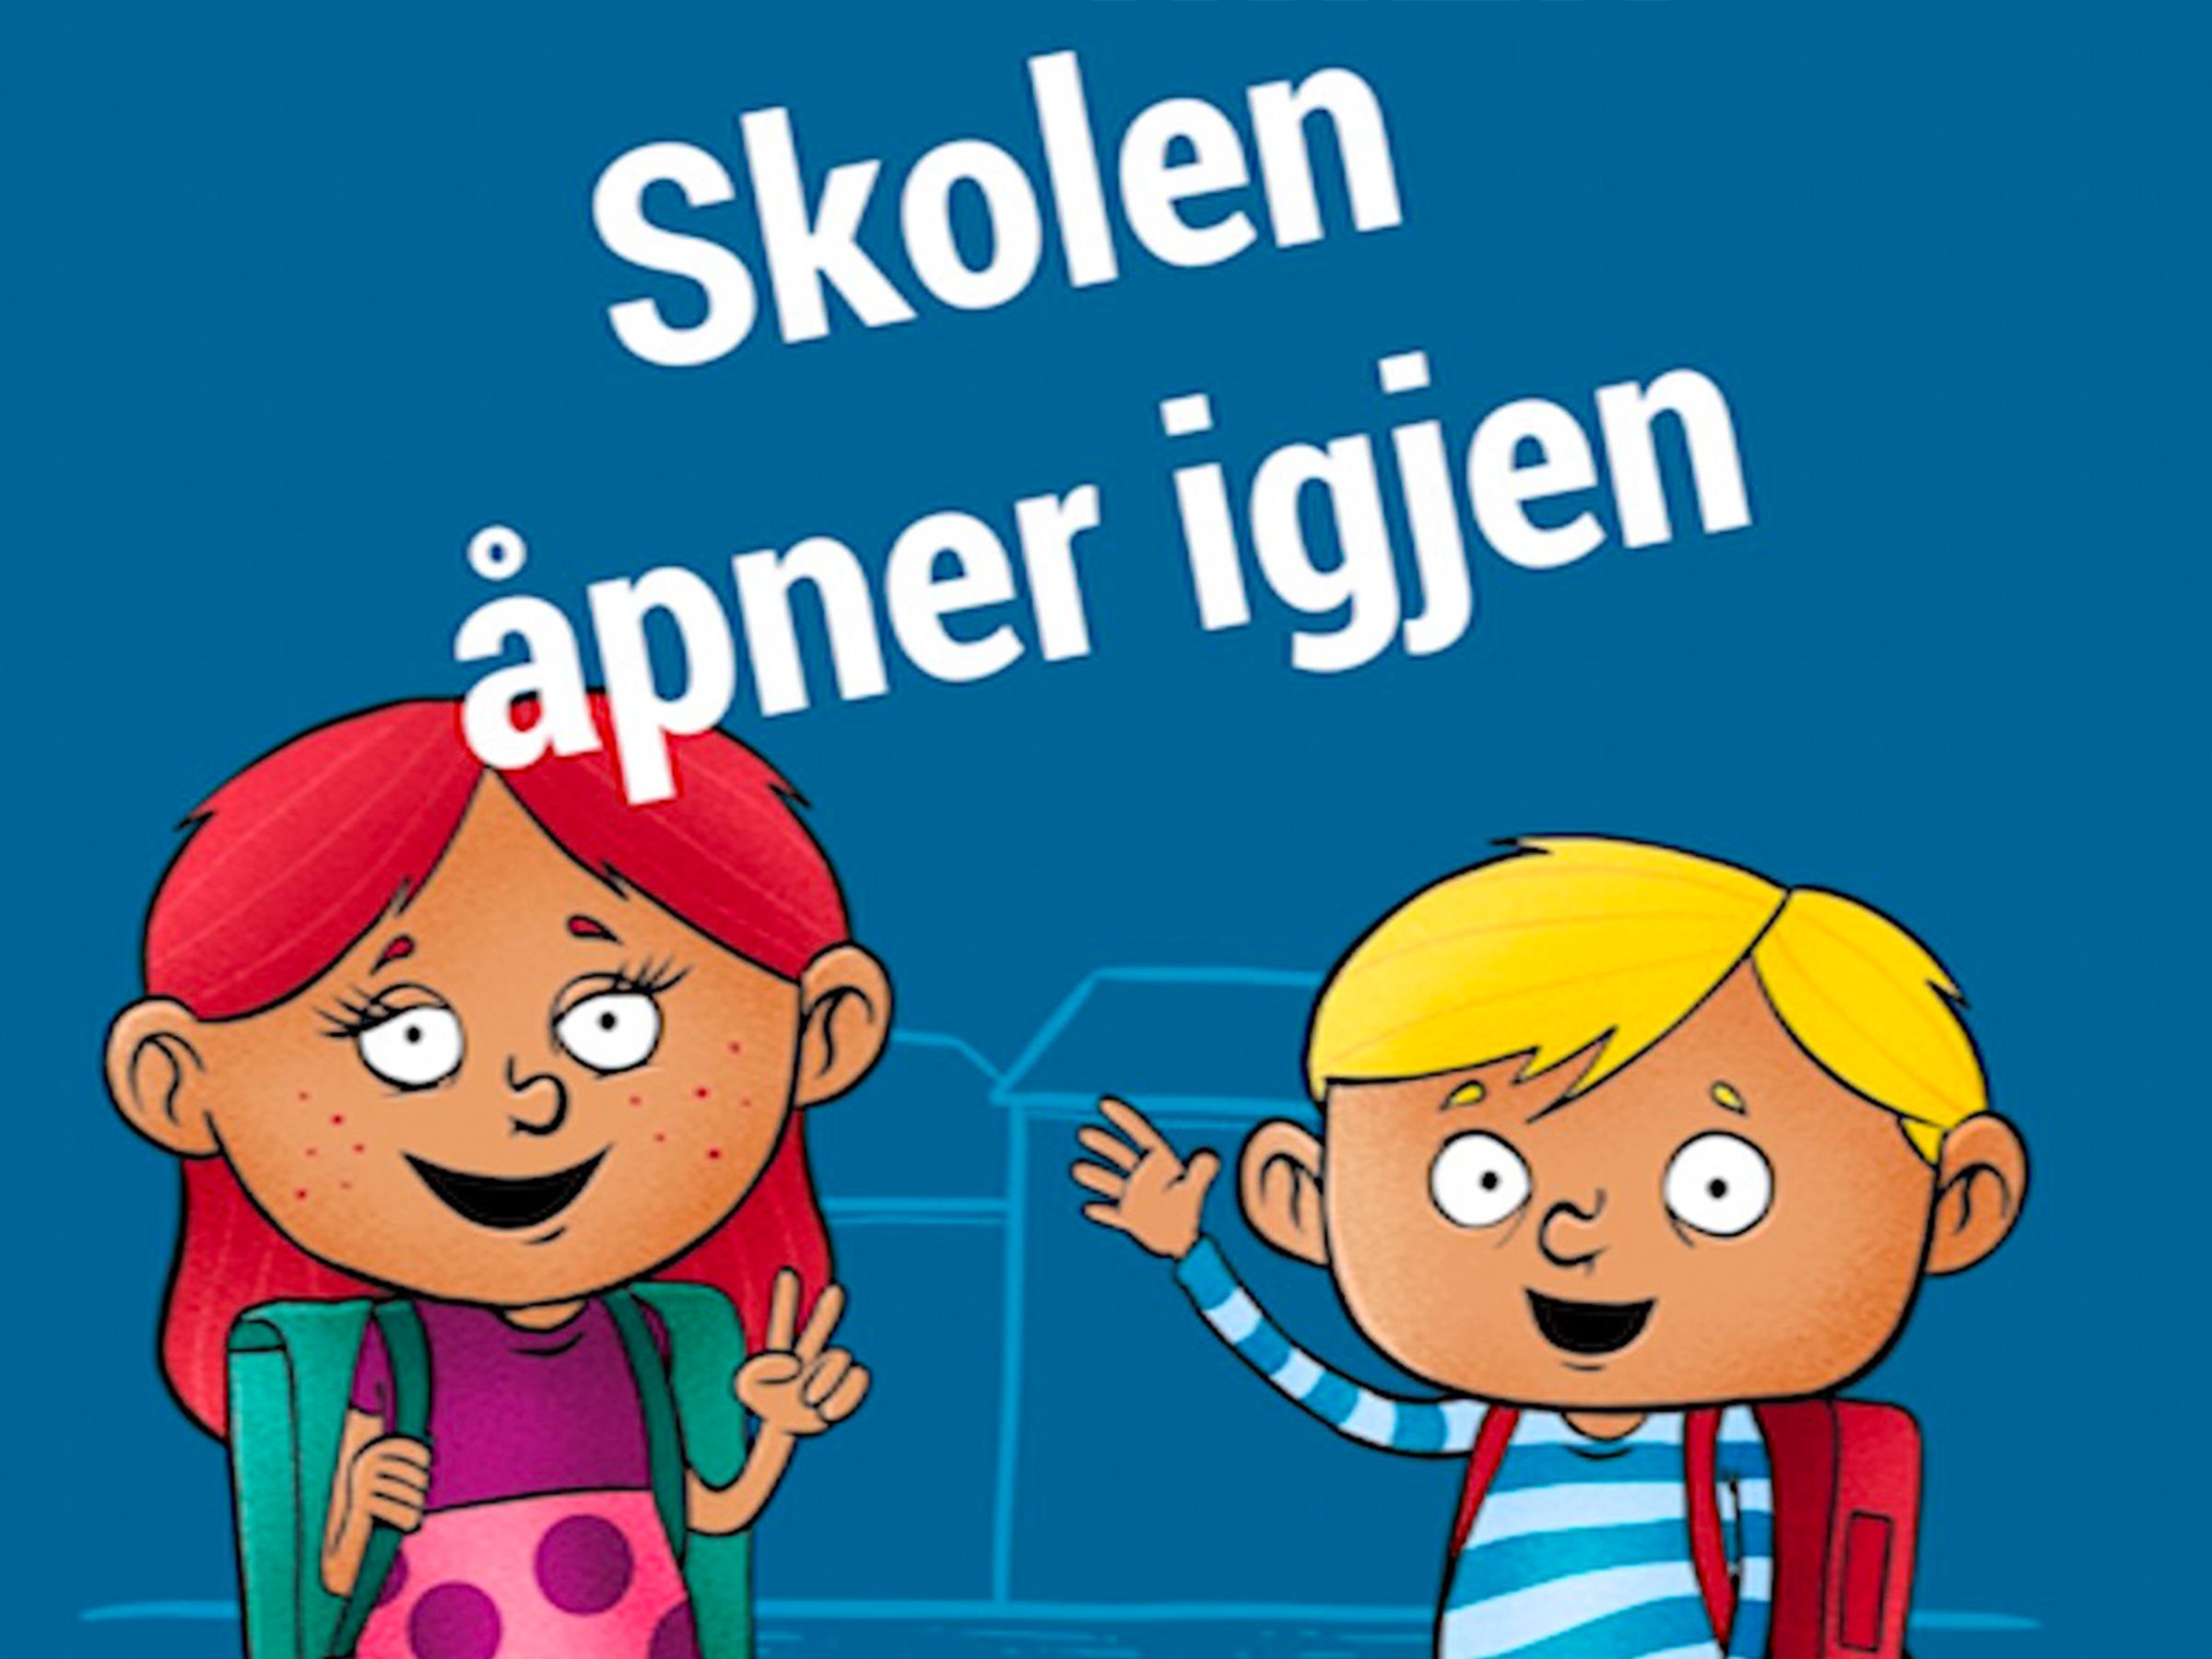 挪威小学复学,教育署制作动画介绍入学新规则(中文字幕)